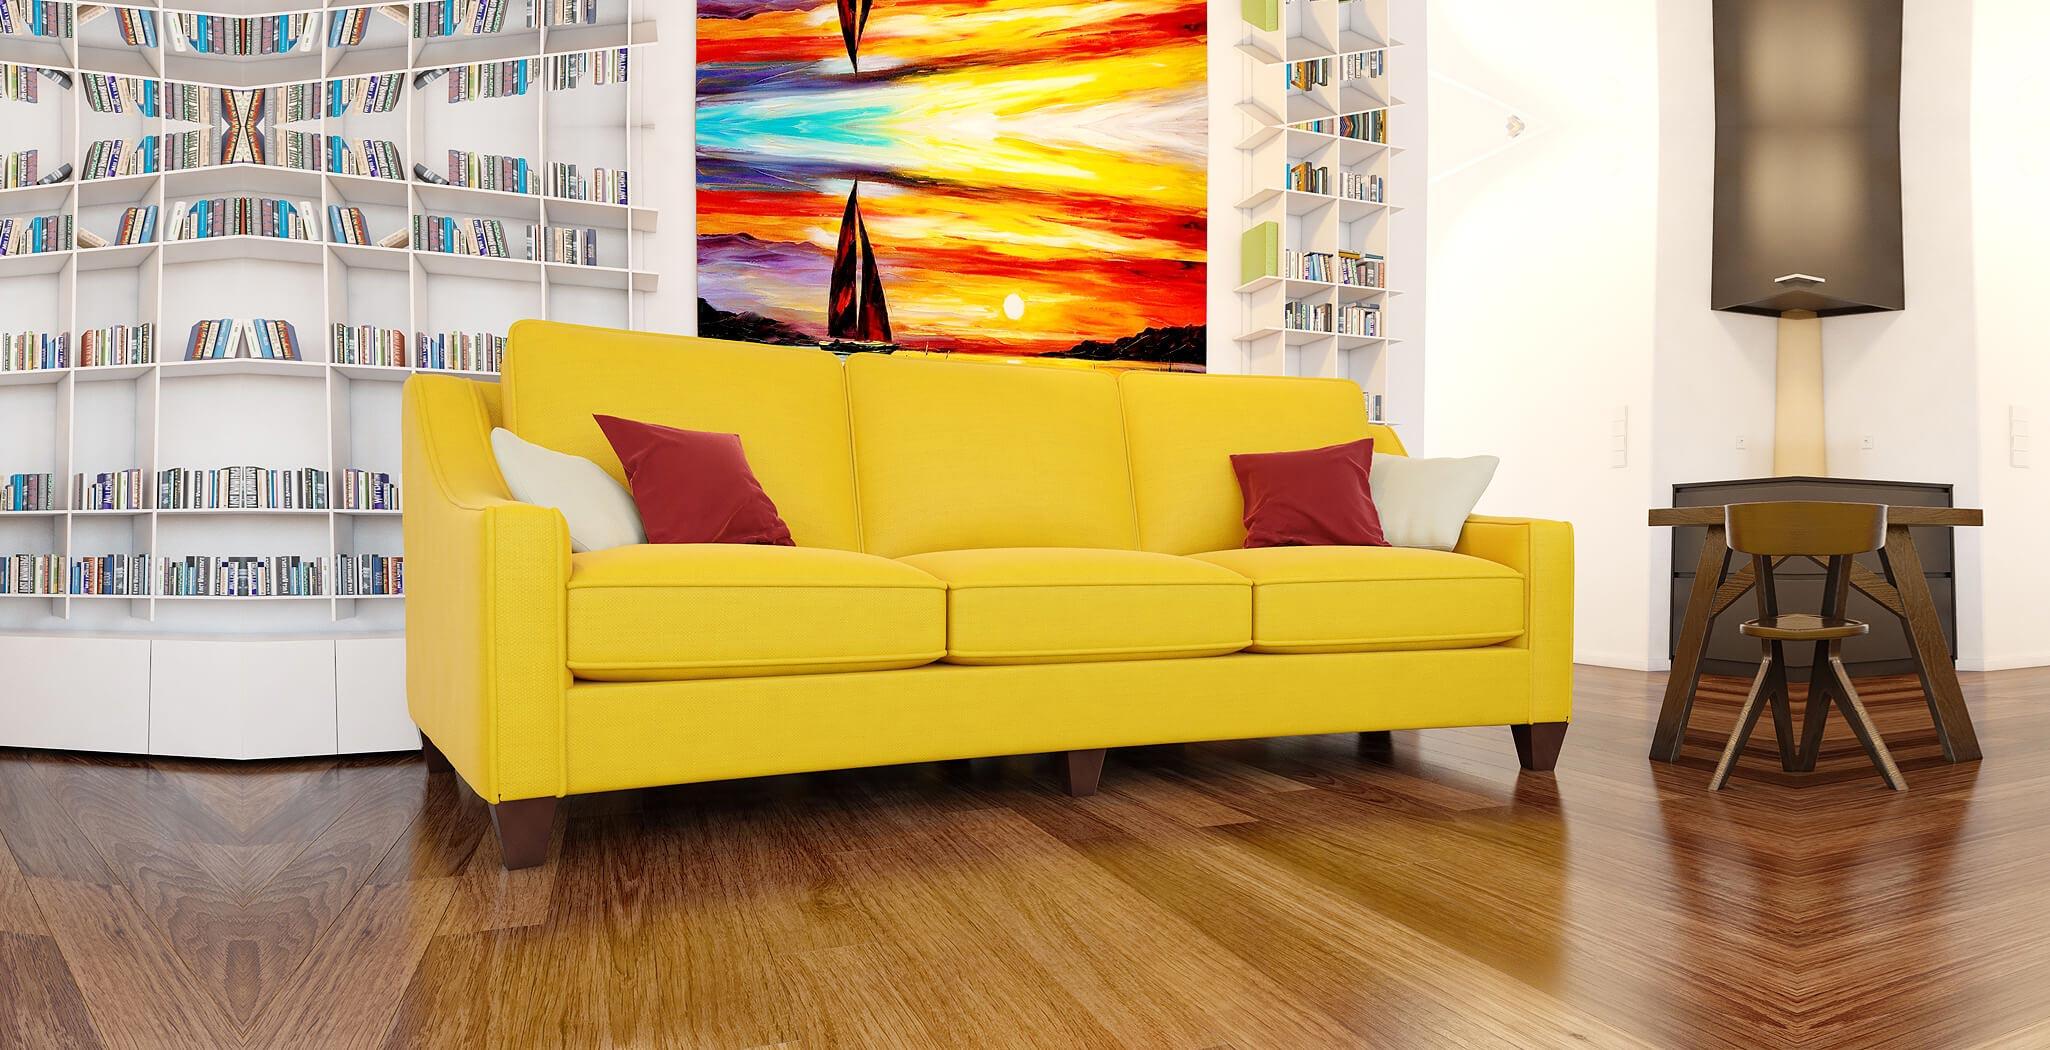 sanda sofa furniture gallery 5